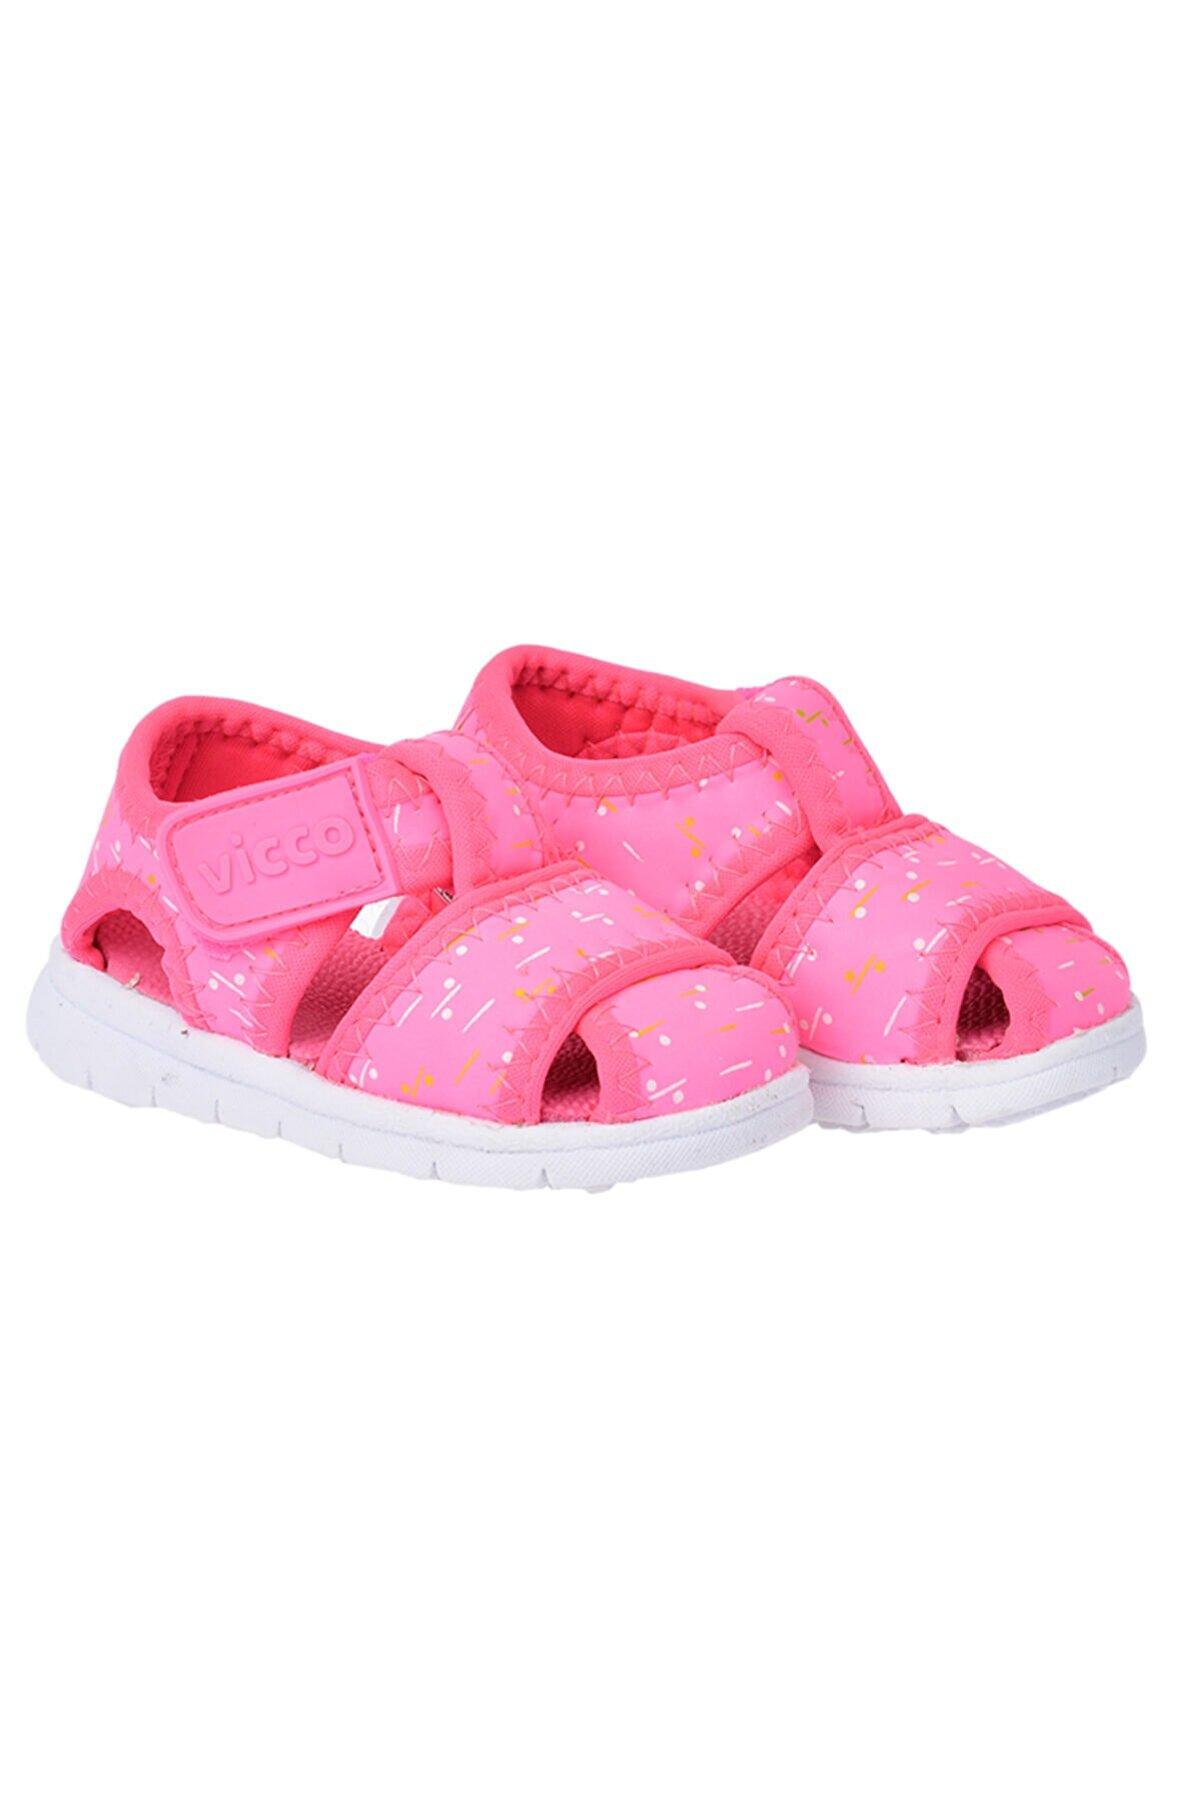 Vicco 332.20y.306 Bumba Phylon Kız/erkek Çocuk Spor Sandalet